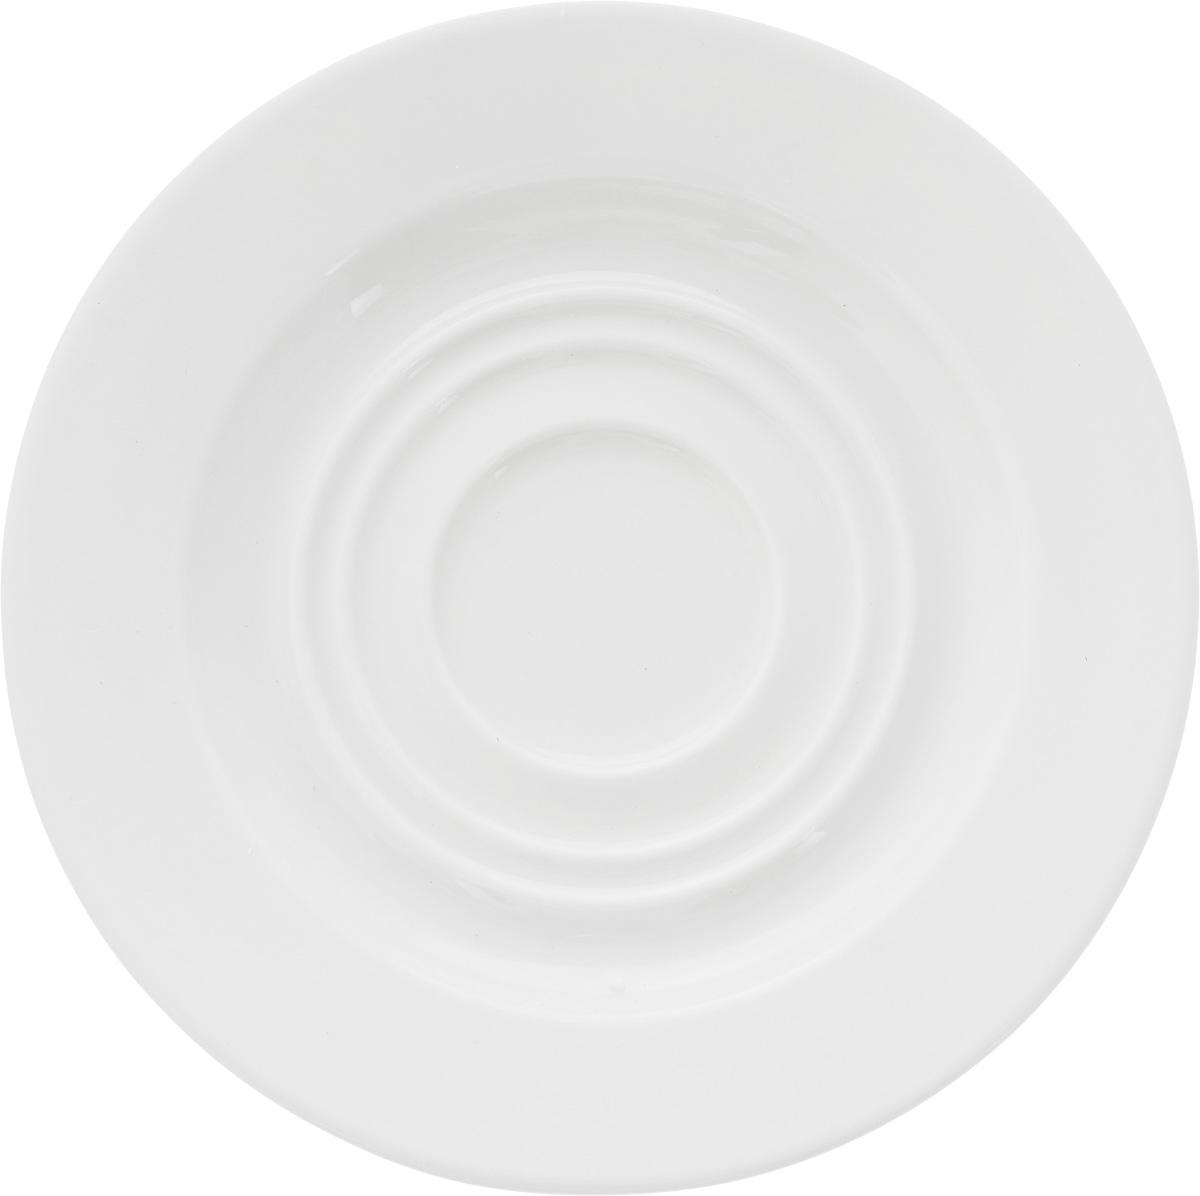 Блюдце Ariane Прайм, диаметр 14,5 смAPRARN14015Оригинальное блюдце Ariane Прайм изготовлено из фарфора с глазурованным покрытием. Изделие сочетает в себе классический дизайн с максимальной функциональностью. Блюдце прекрасно впишется в интерьер вашей кухни и станет достойным дополнением к кухонному инвентарю. Можно мыть в посудомоечной машине и использовать в микроволновой печи. Диаметр блюдца (по верхнему краю): 14,5 см. Высота блюдца: 2 см.